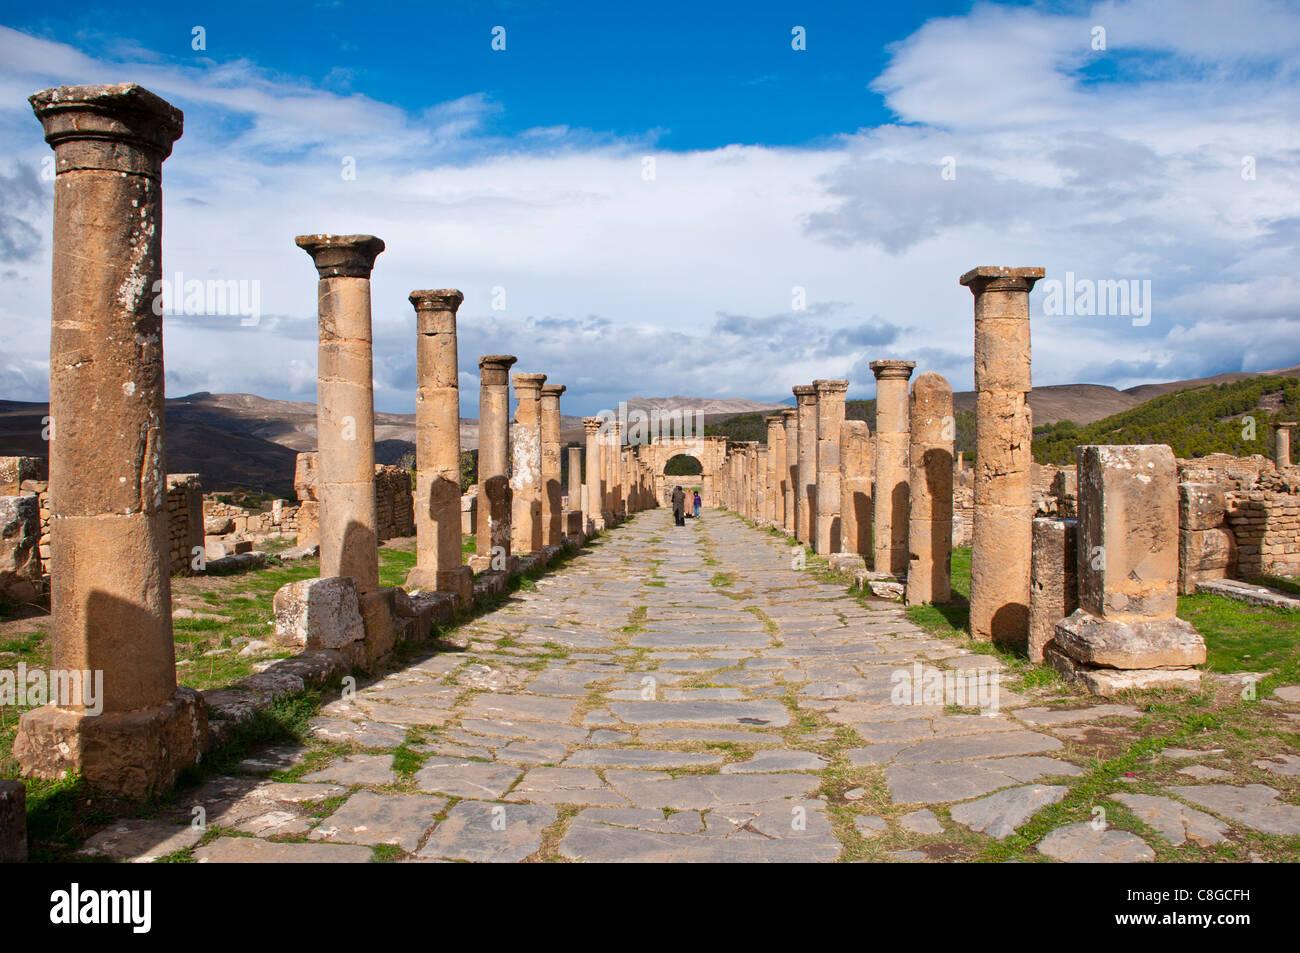 Las ruinas romanas de Djemila, Sitio del Patrimonio Mundial de la UNESCO, Argelia, Norte de África Imagen De Stock